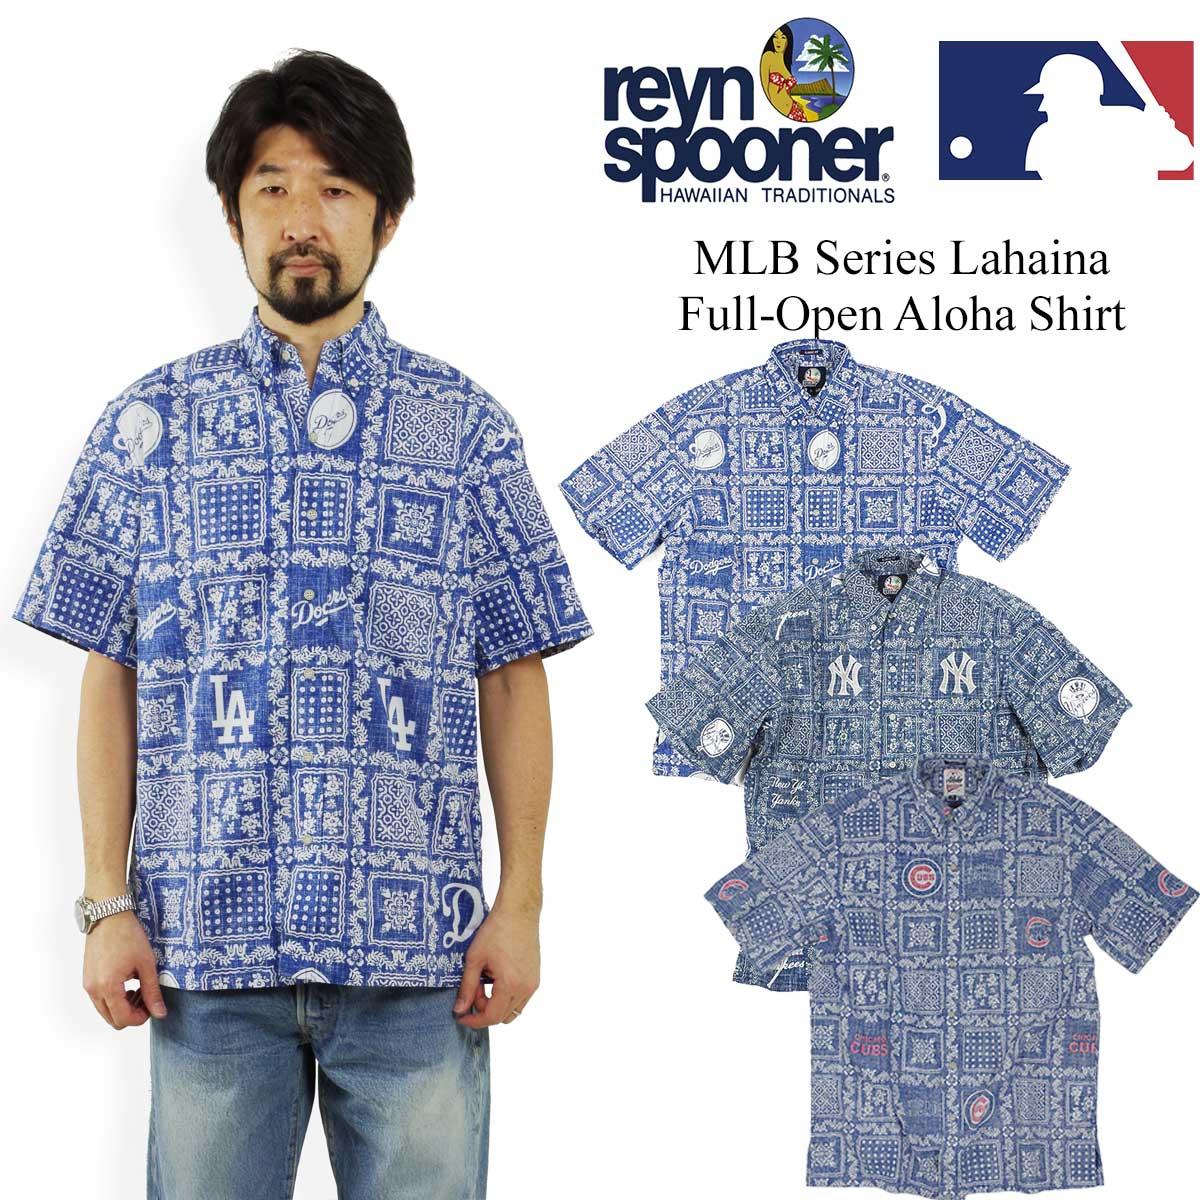 レインスプーナー REYN SPOONER 半袖 アロハシャツ フルオープン ラハイナ メジャーリーグ公式 (MLB LAHAINA)